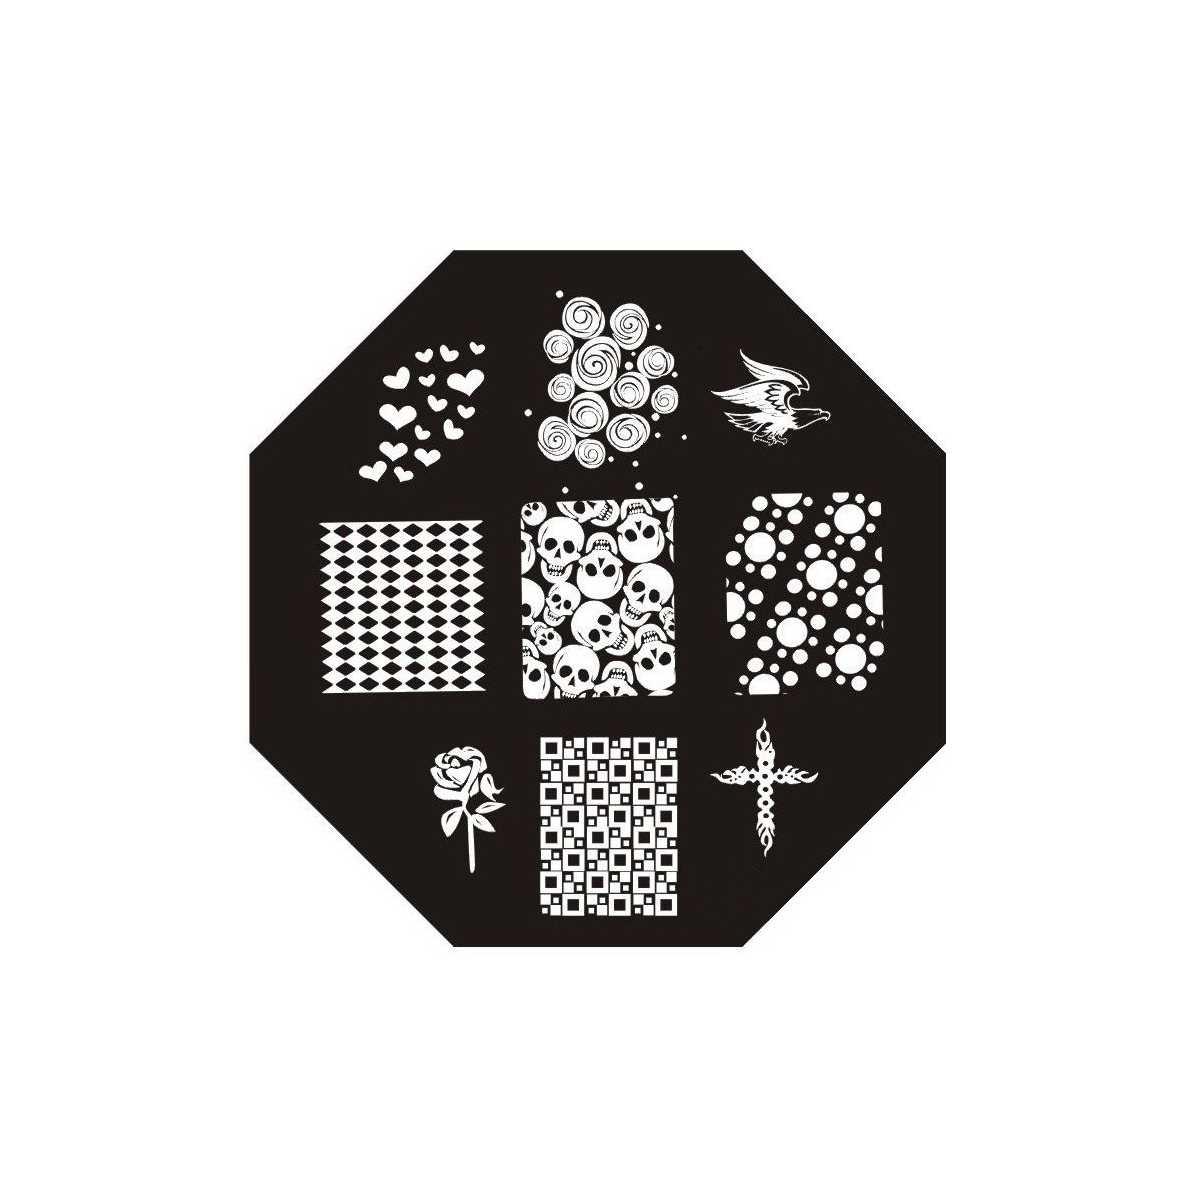 https://www.kit-manucure.com/658-thickbox_default/plaque-de-stamping-tête-de-mort-rose-et-aigle.jpg